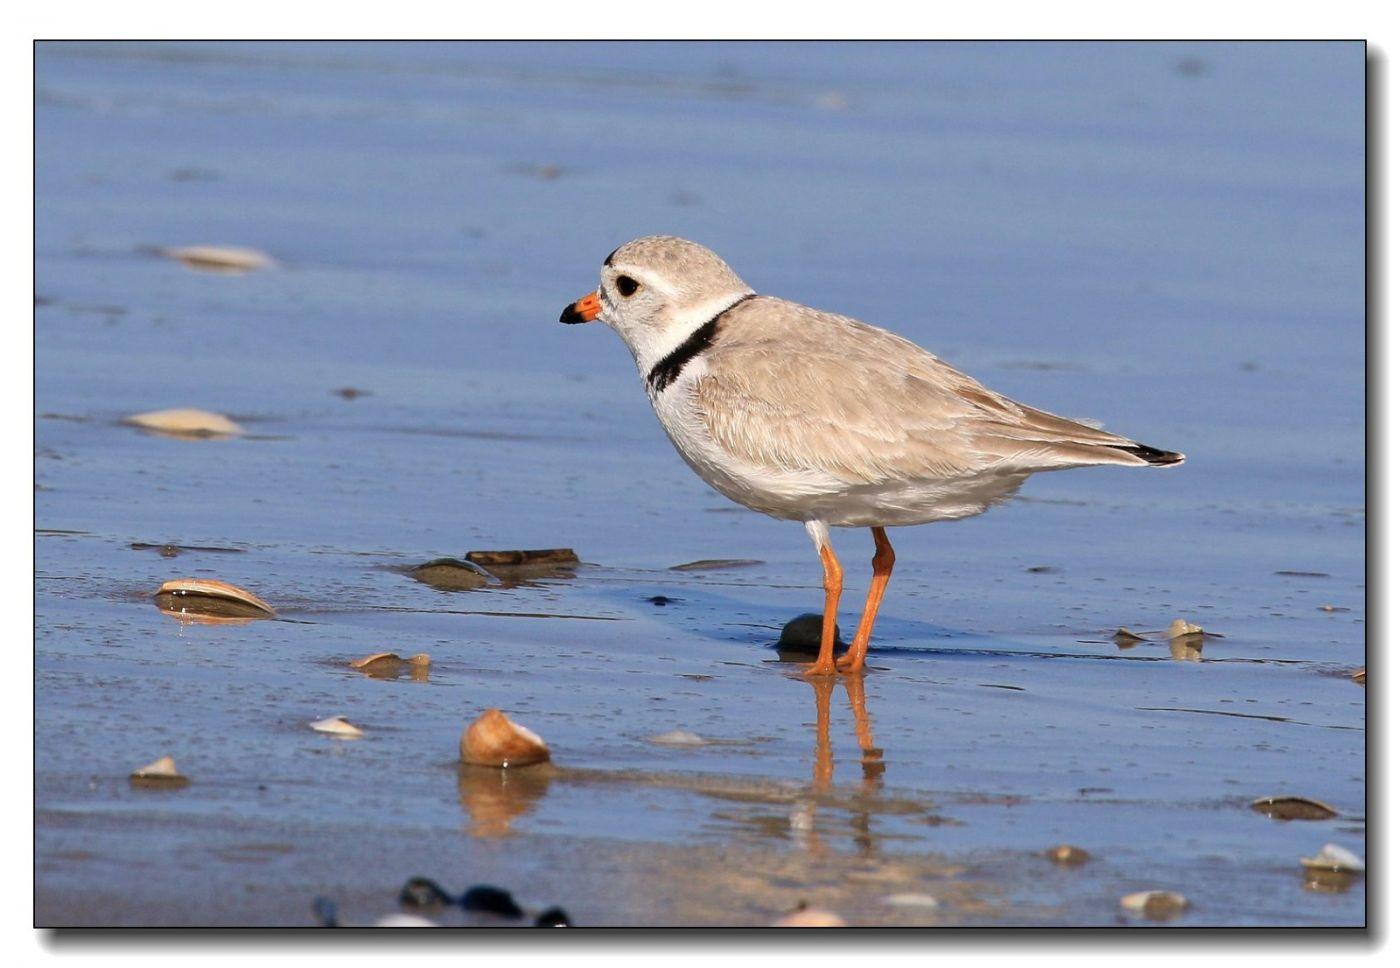 洛克威海滩拍鸟—环颈鸻_图1-8